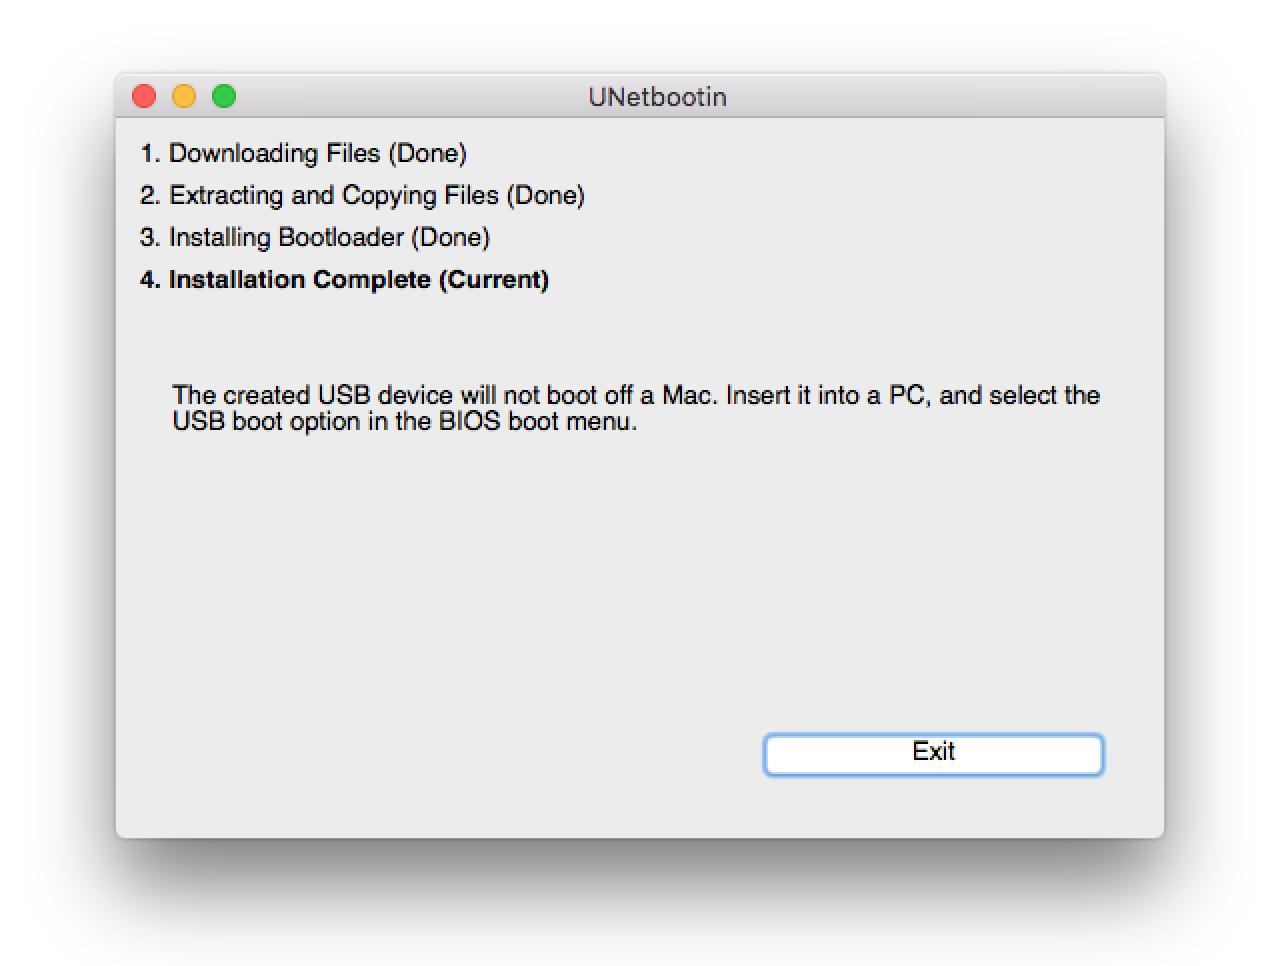 Tạo bộ cài Windows 7,8 từ USB trên máy tính Mac